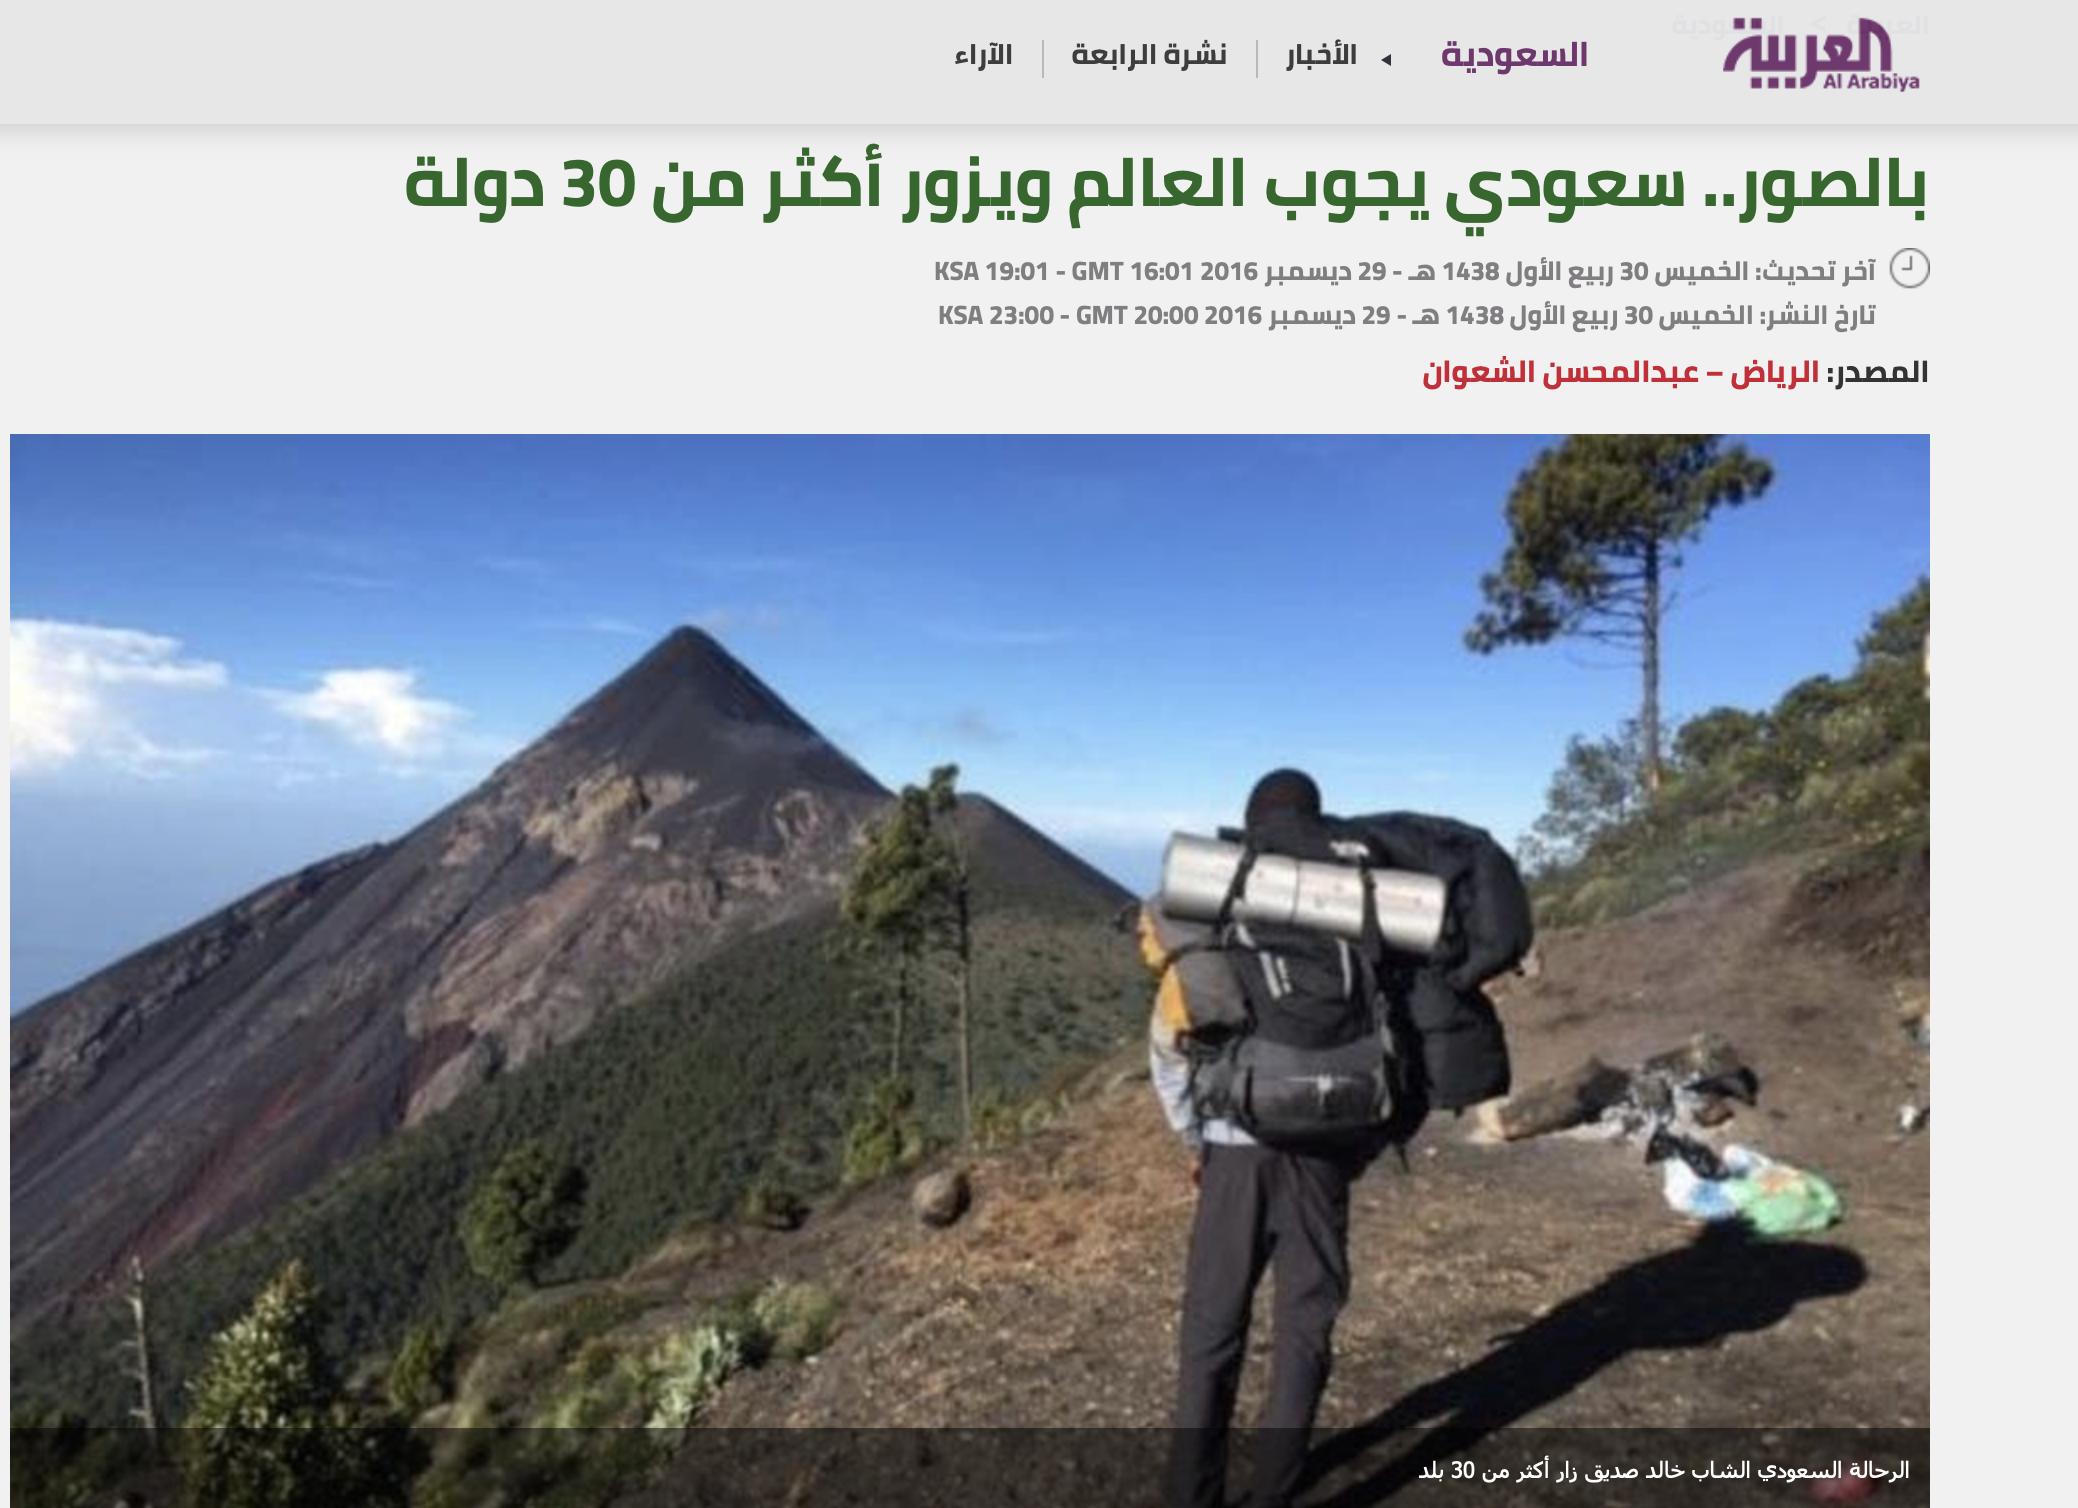 لقاء مع قناة العربية - وحديث حول بعض الرحلات